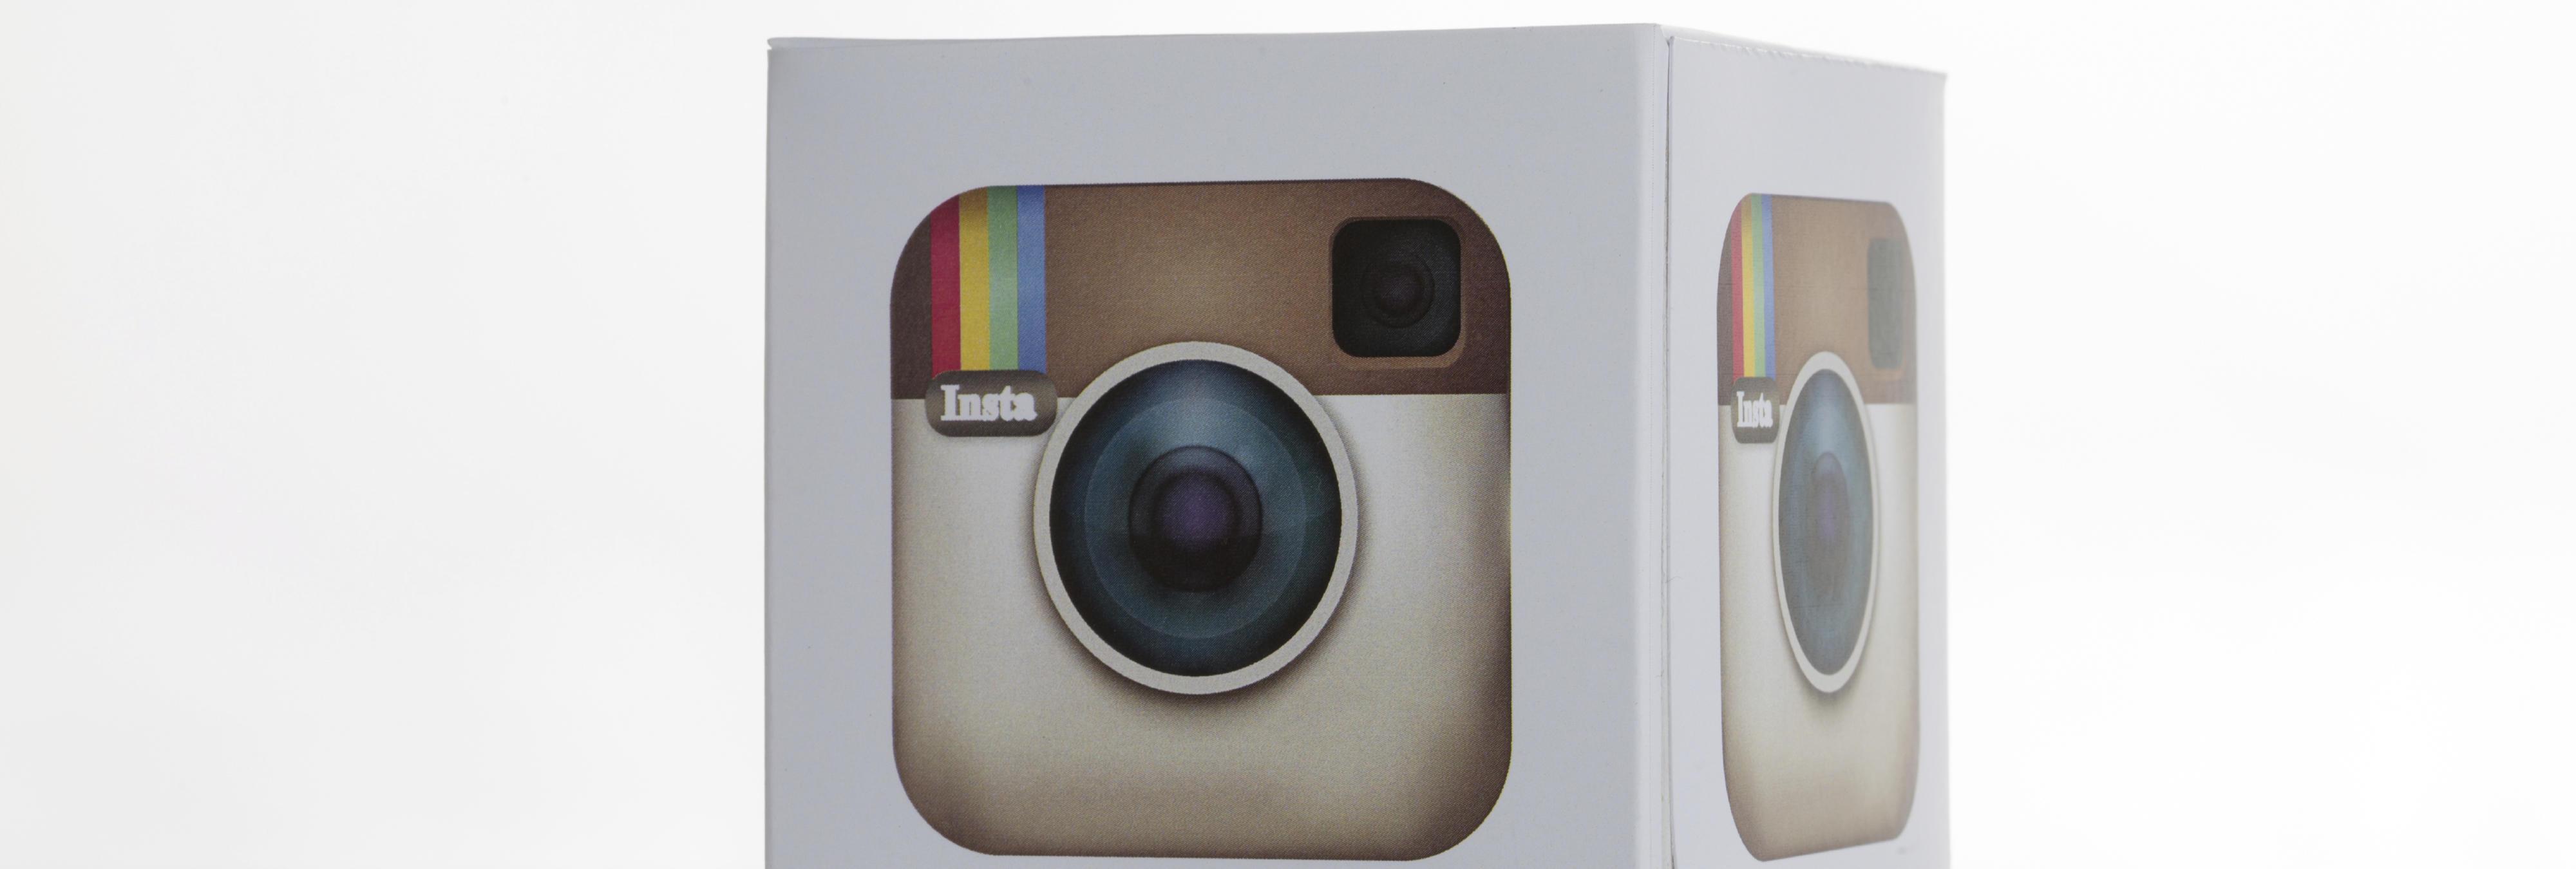 Instagram dice adiós a su clásica cámara para probar un nuevo diseño en blanco y negro